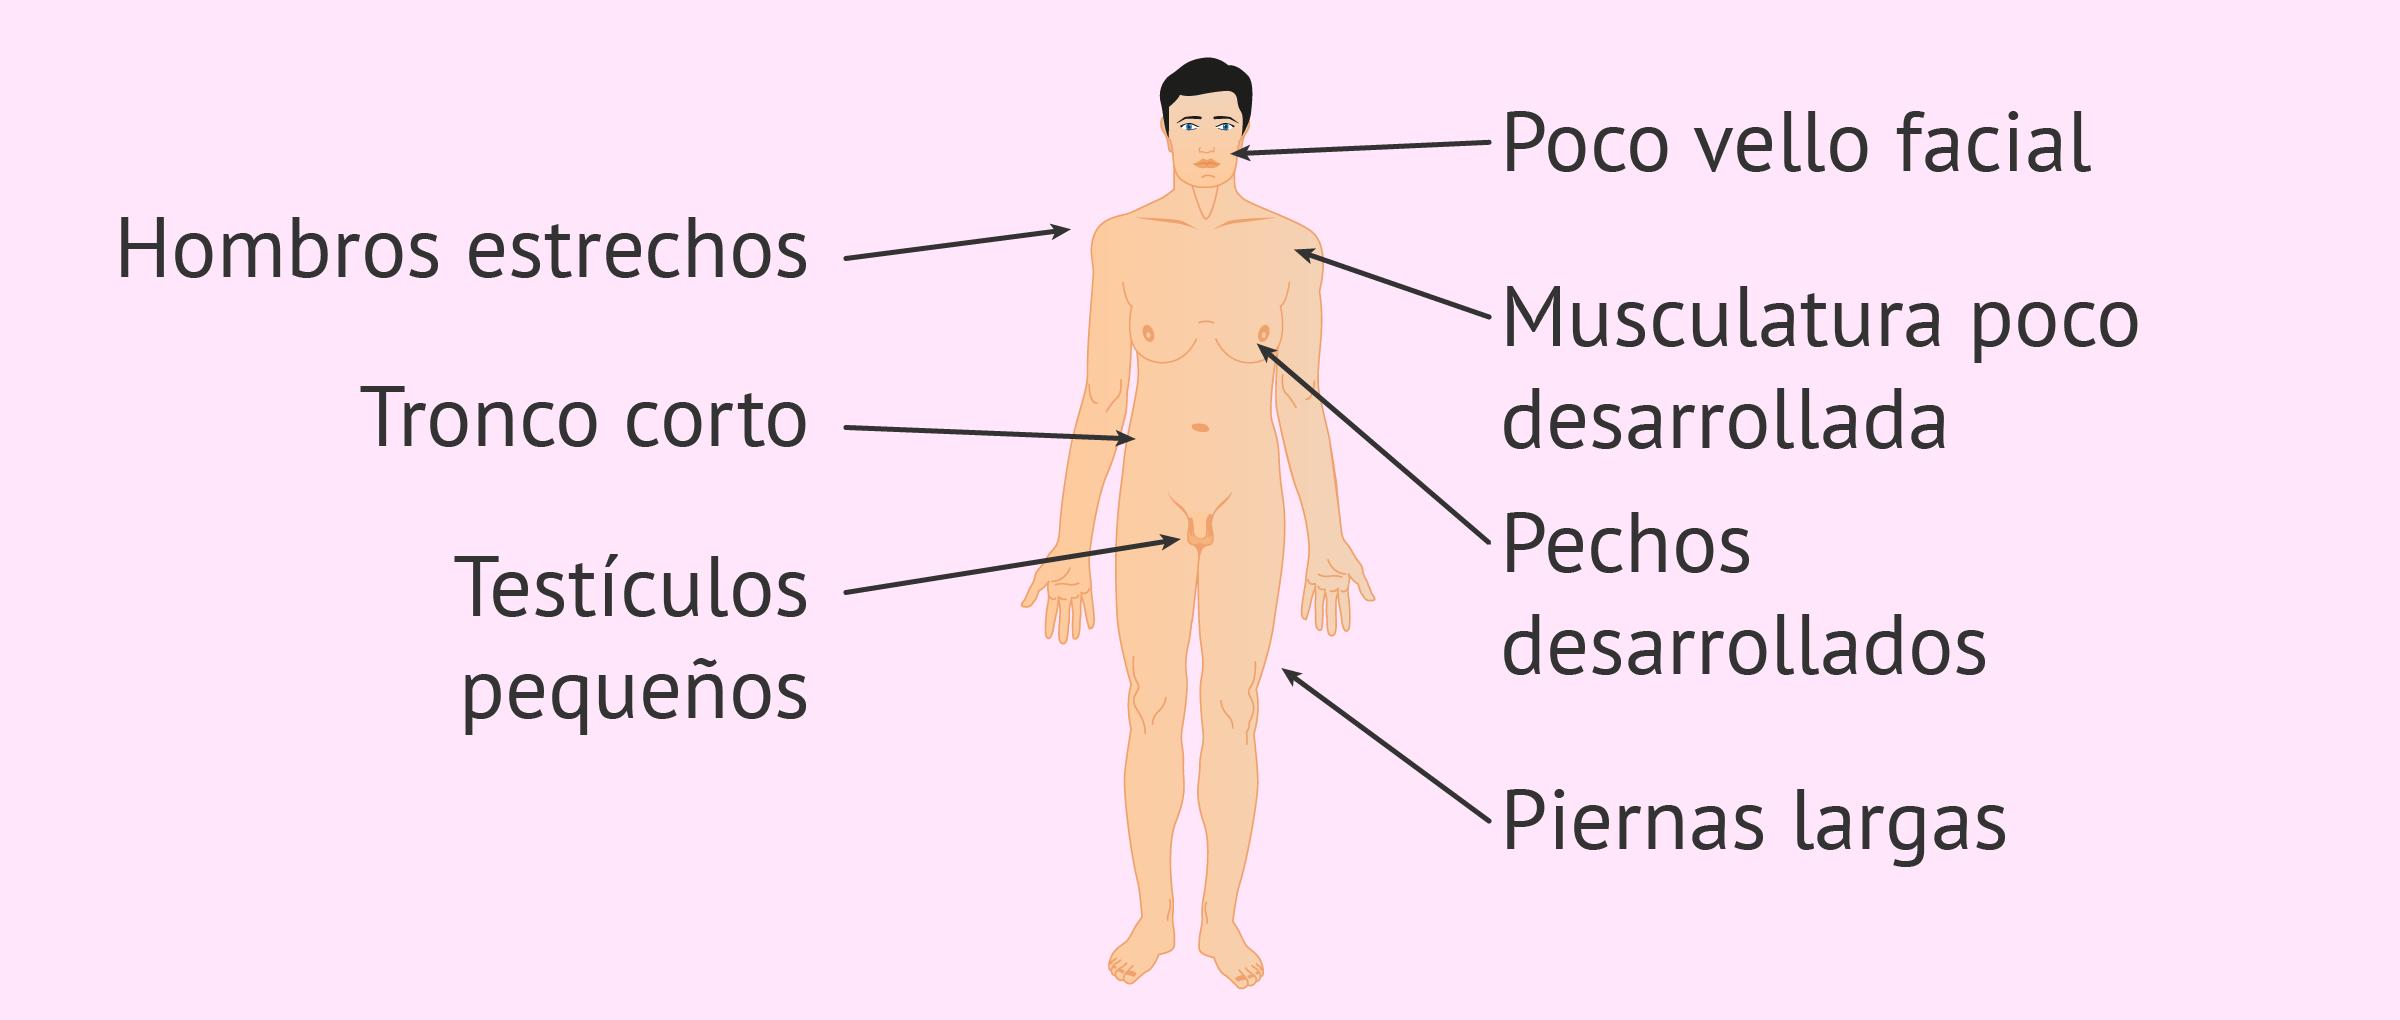 Síndrome de Klinefelter: síntomas característicos y tratamiento